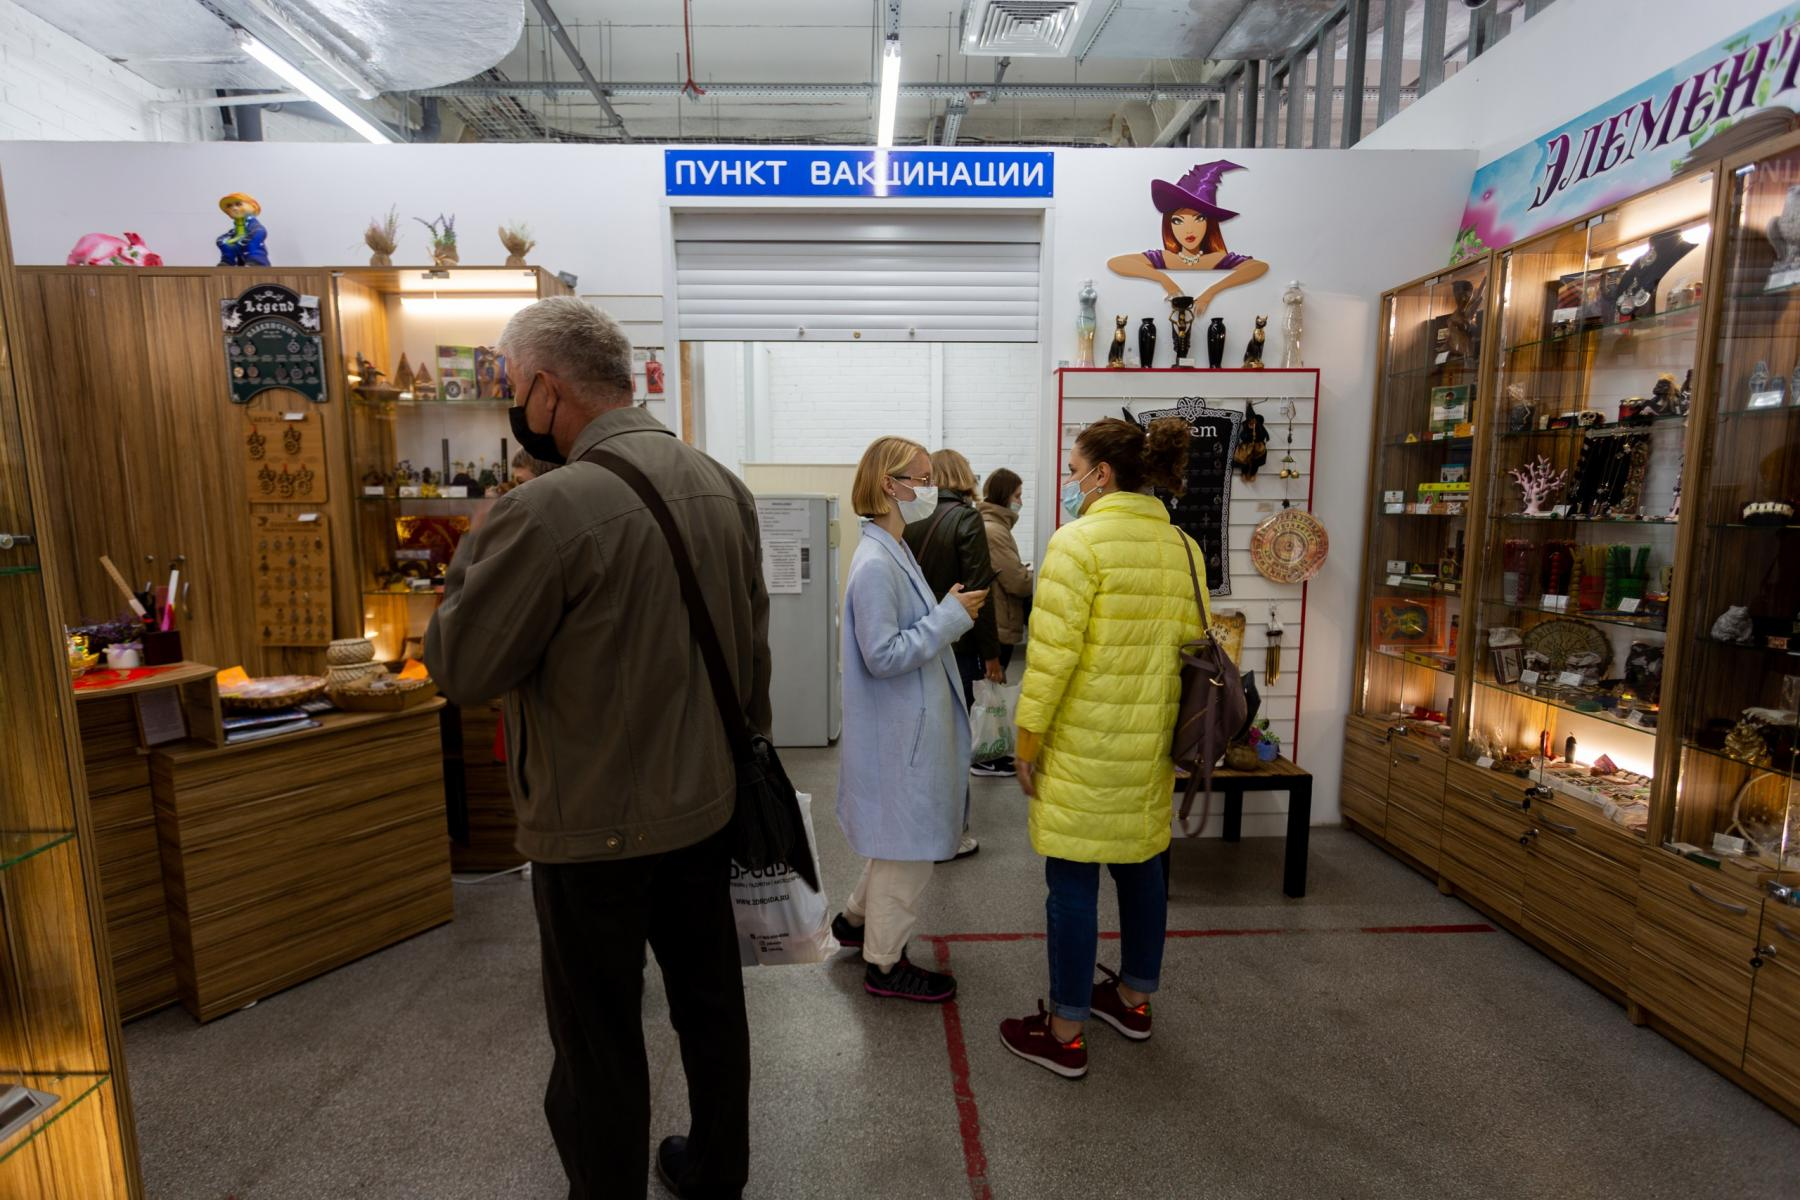 Фото В Новосибирске мобильные пункты вакцинации заполнили десятки людей: 5 мнений из очереди о том, почему нужно прививаться 6